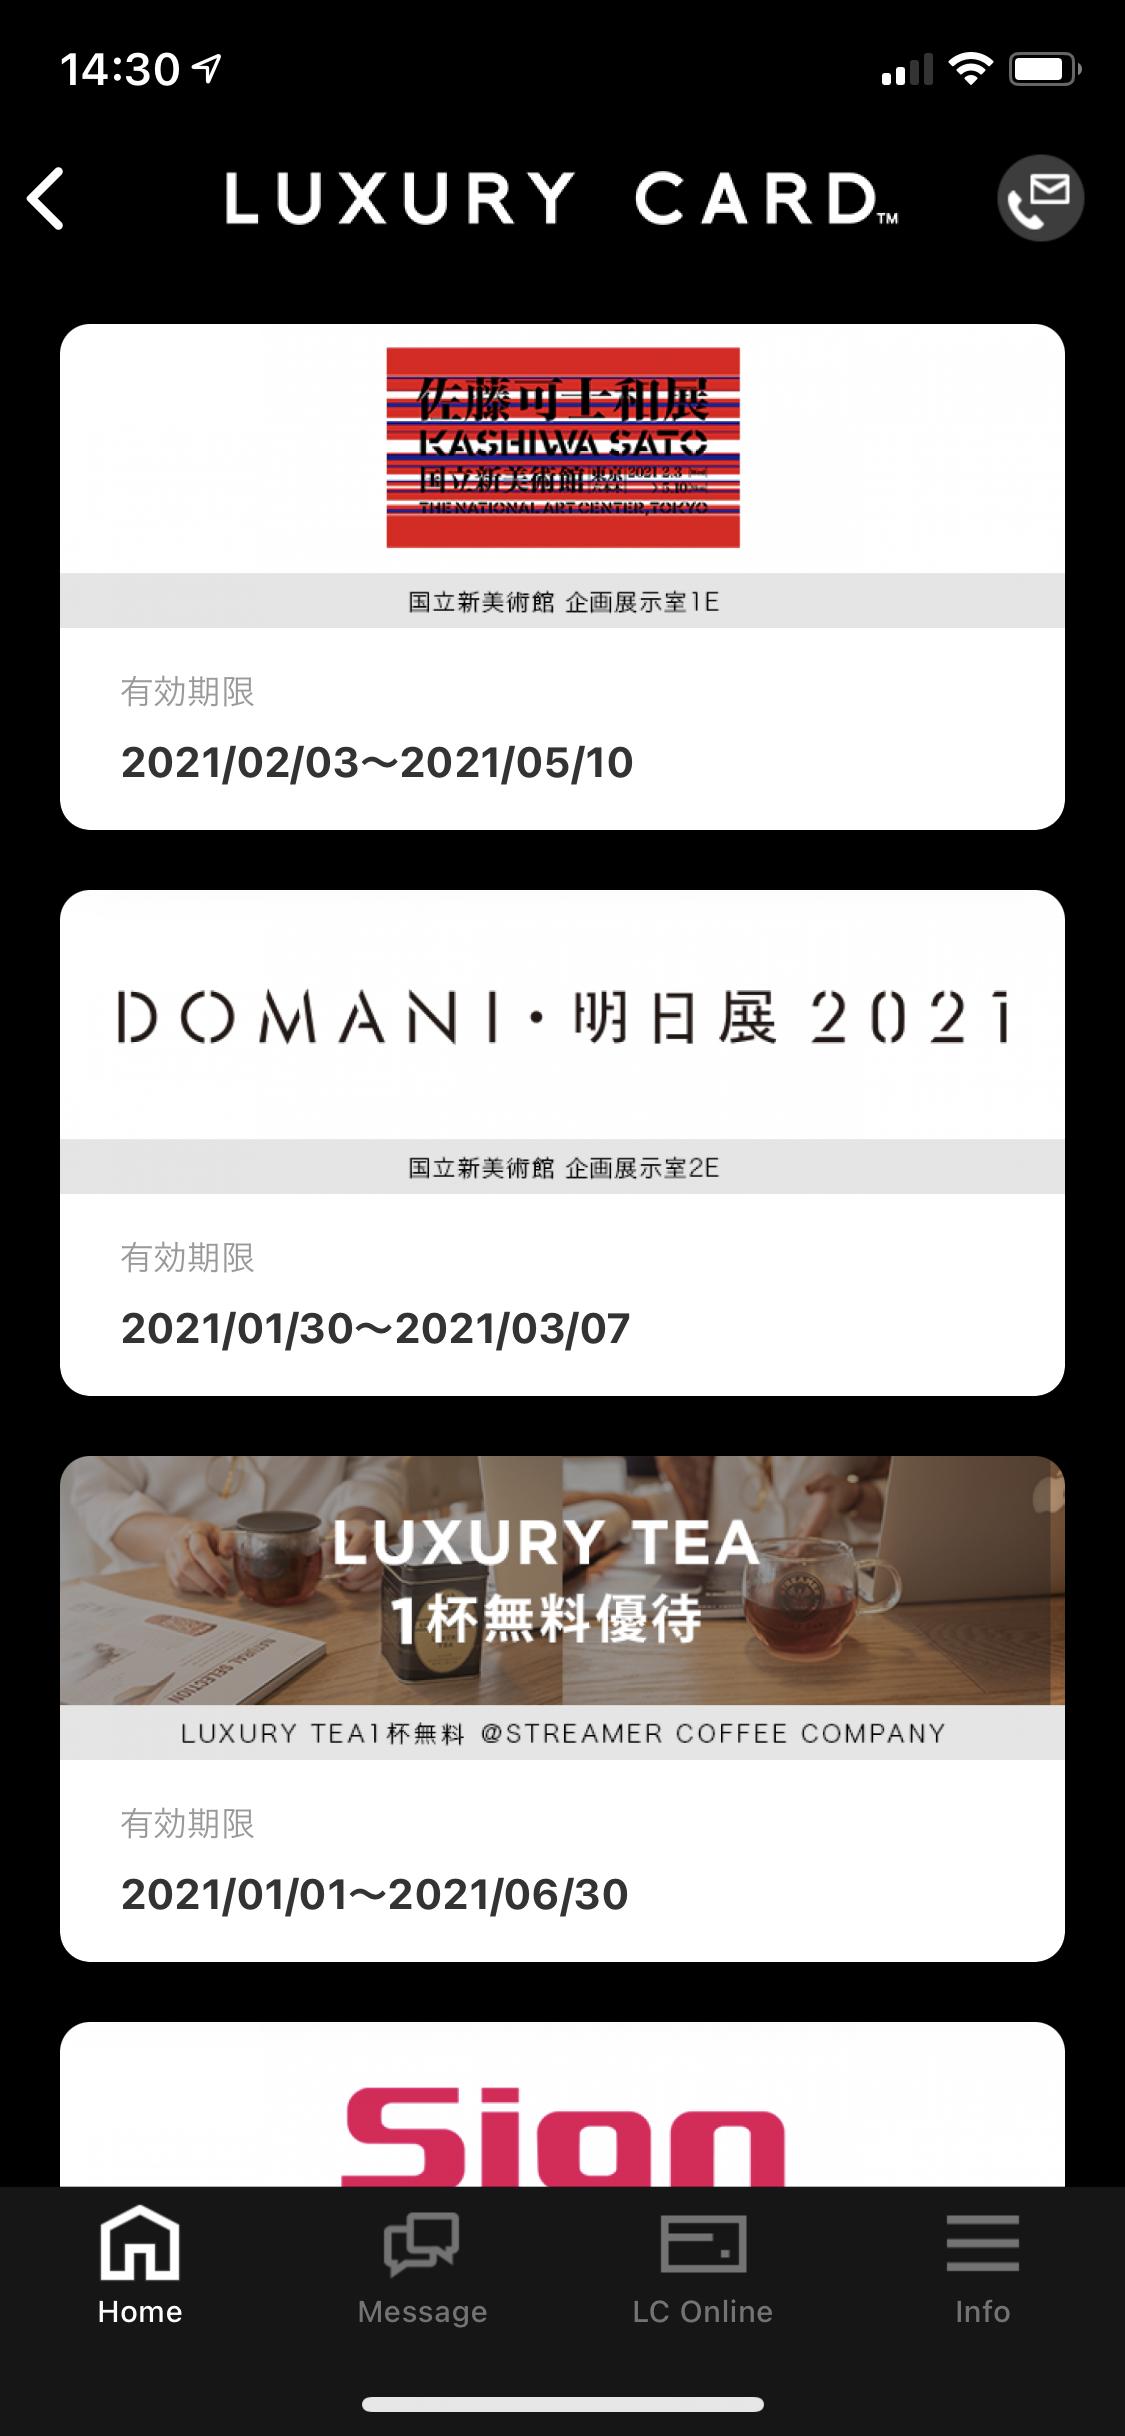 ラグジュアリーカードのスマホアプリ(TICKET画面)